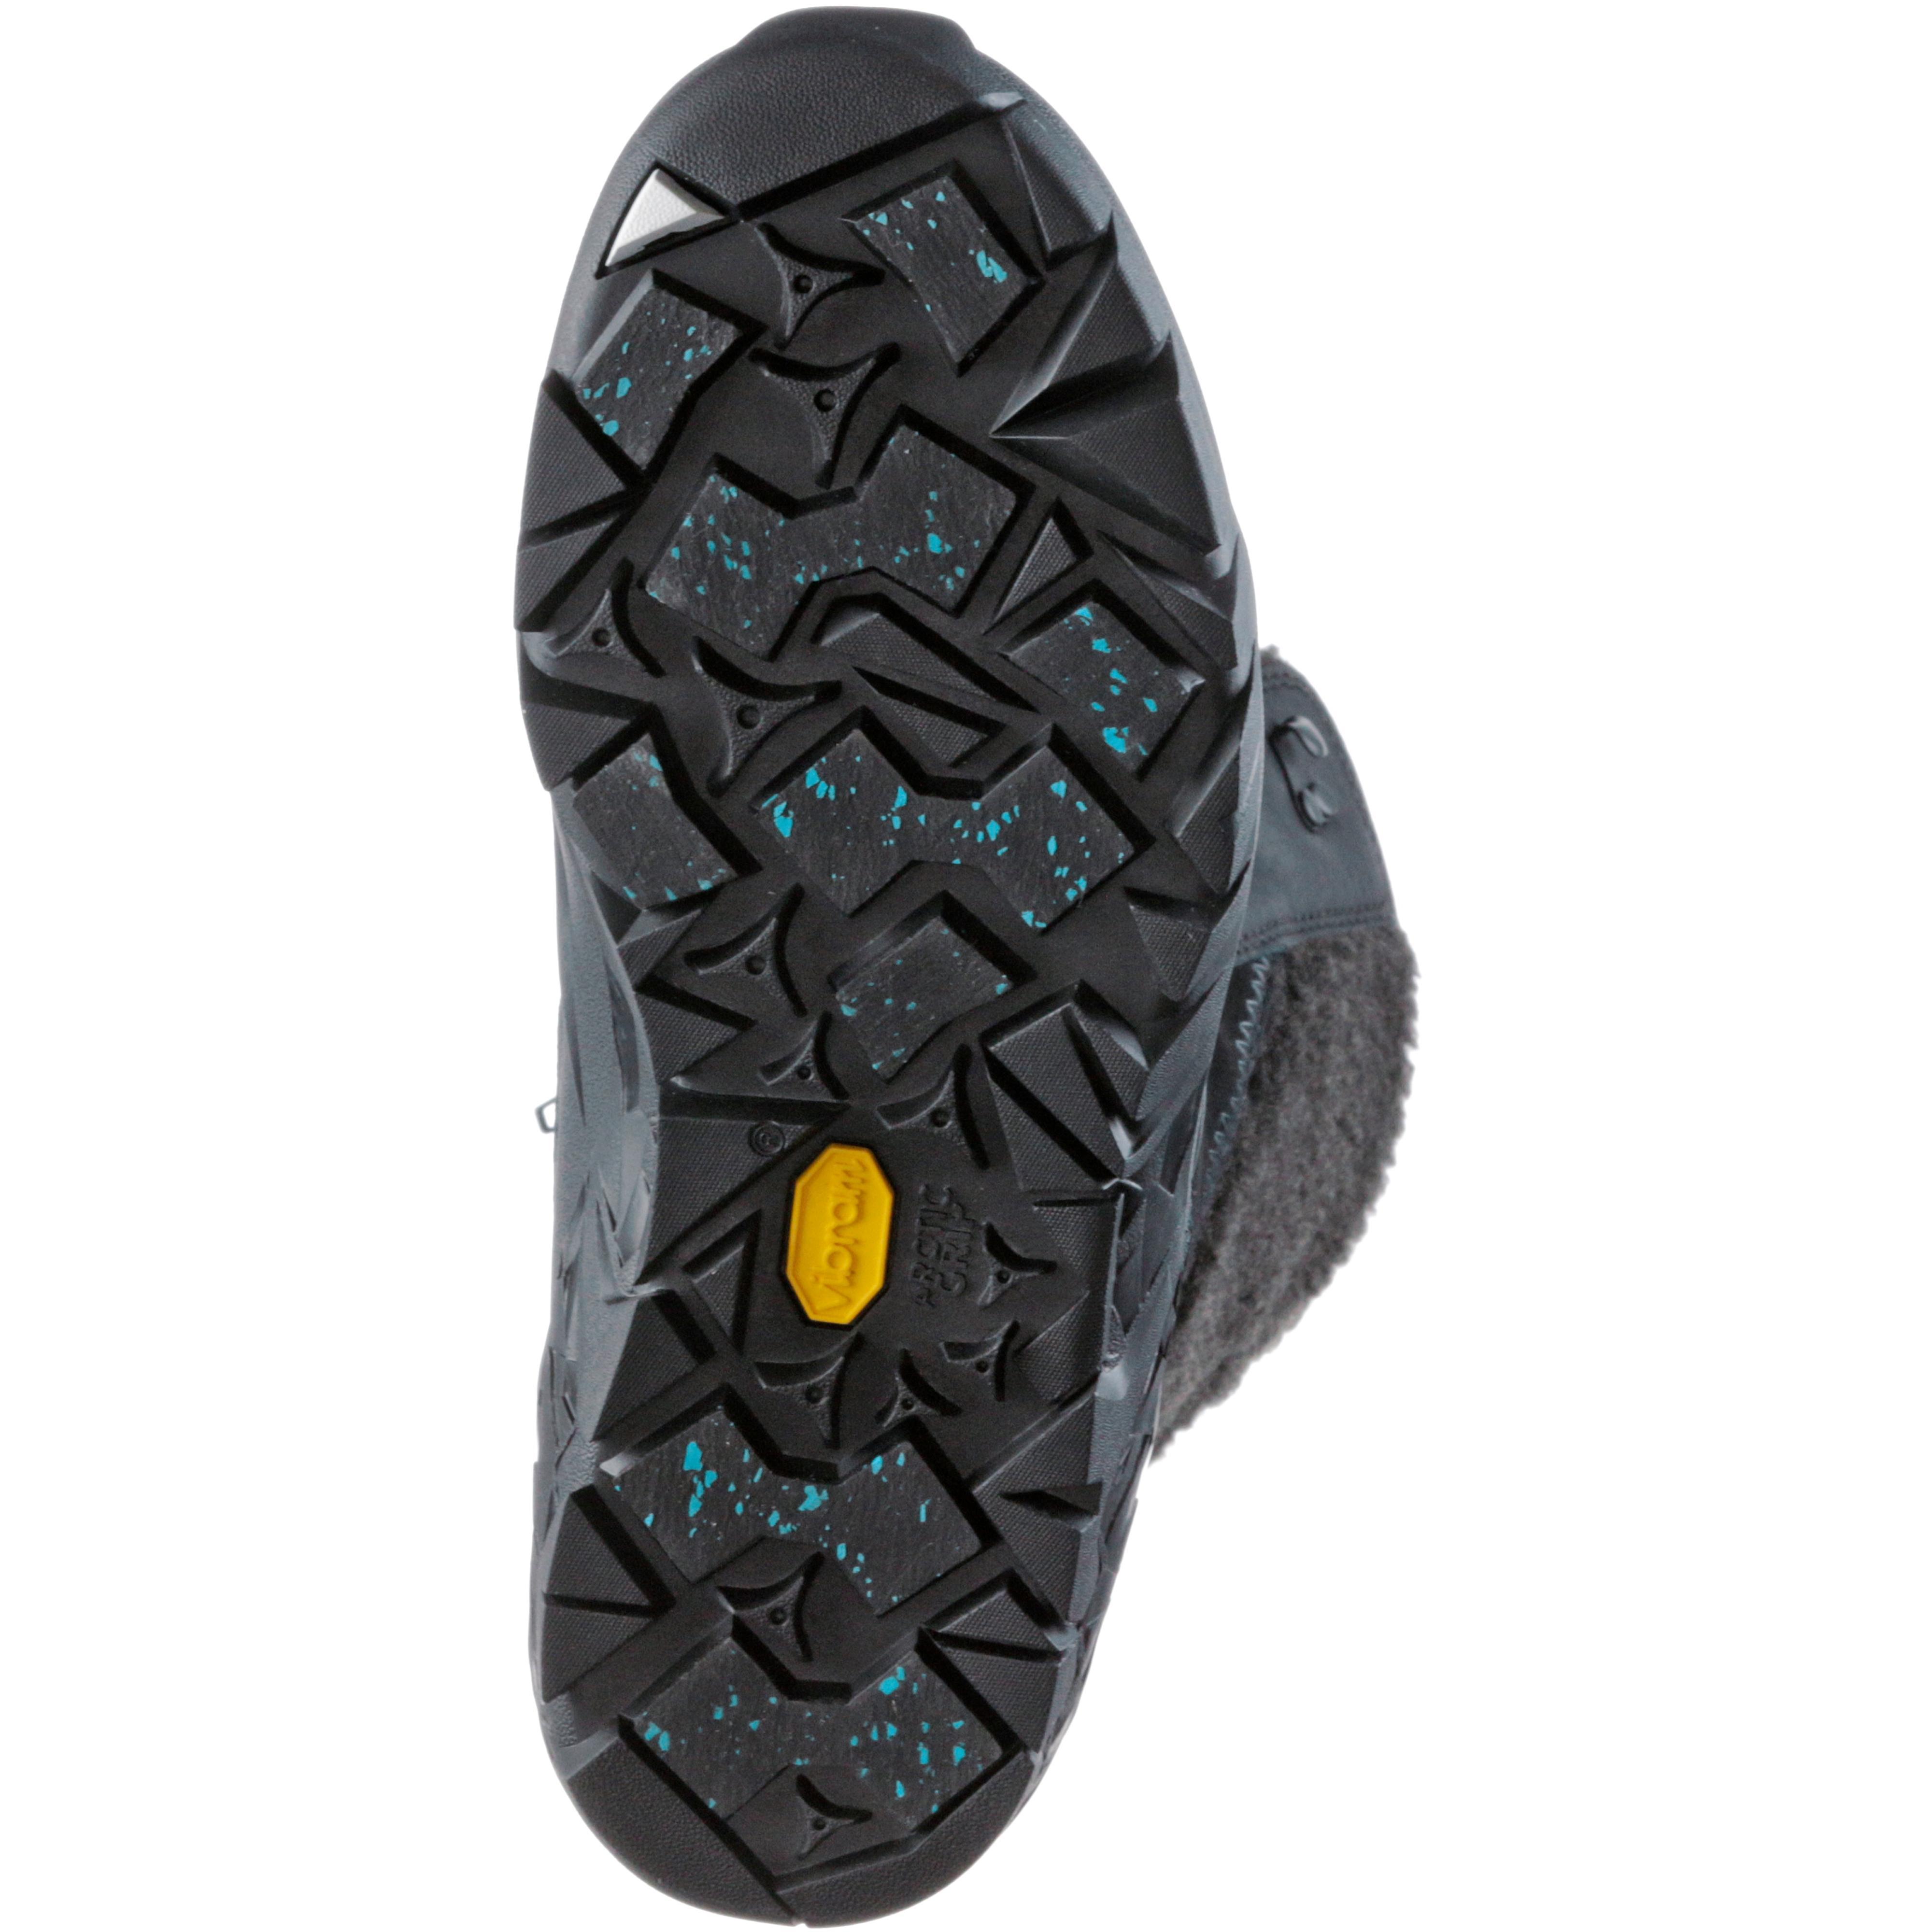 Merrell Aurora Tall Ice Waterproof Winterschuhe Damen Damen Damen schwarz im Online Shop von SportScheck kaufen Gute Qualität beliebte Schuhe 1d1399